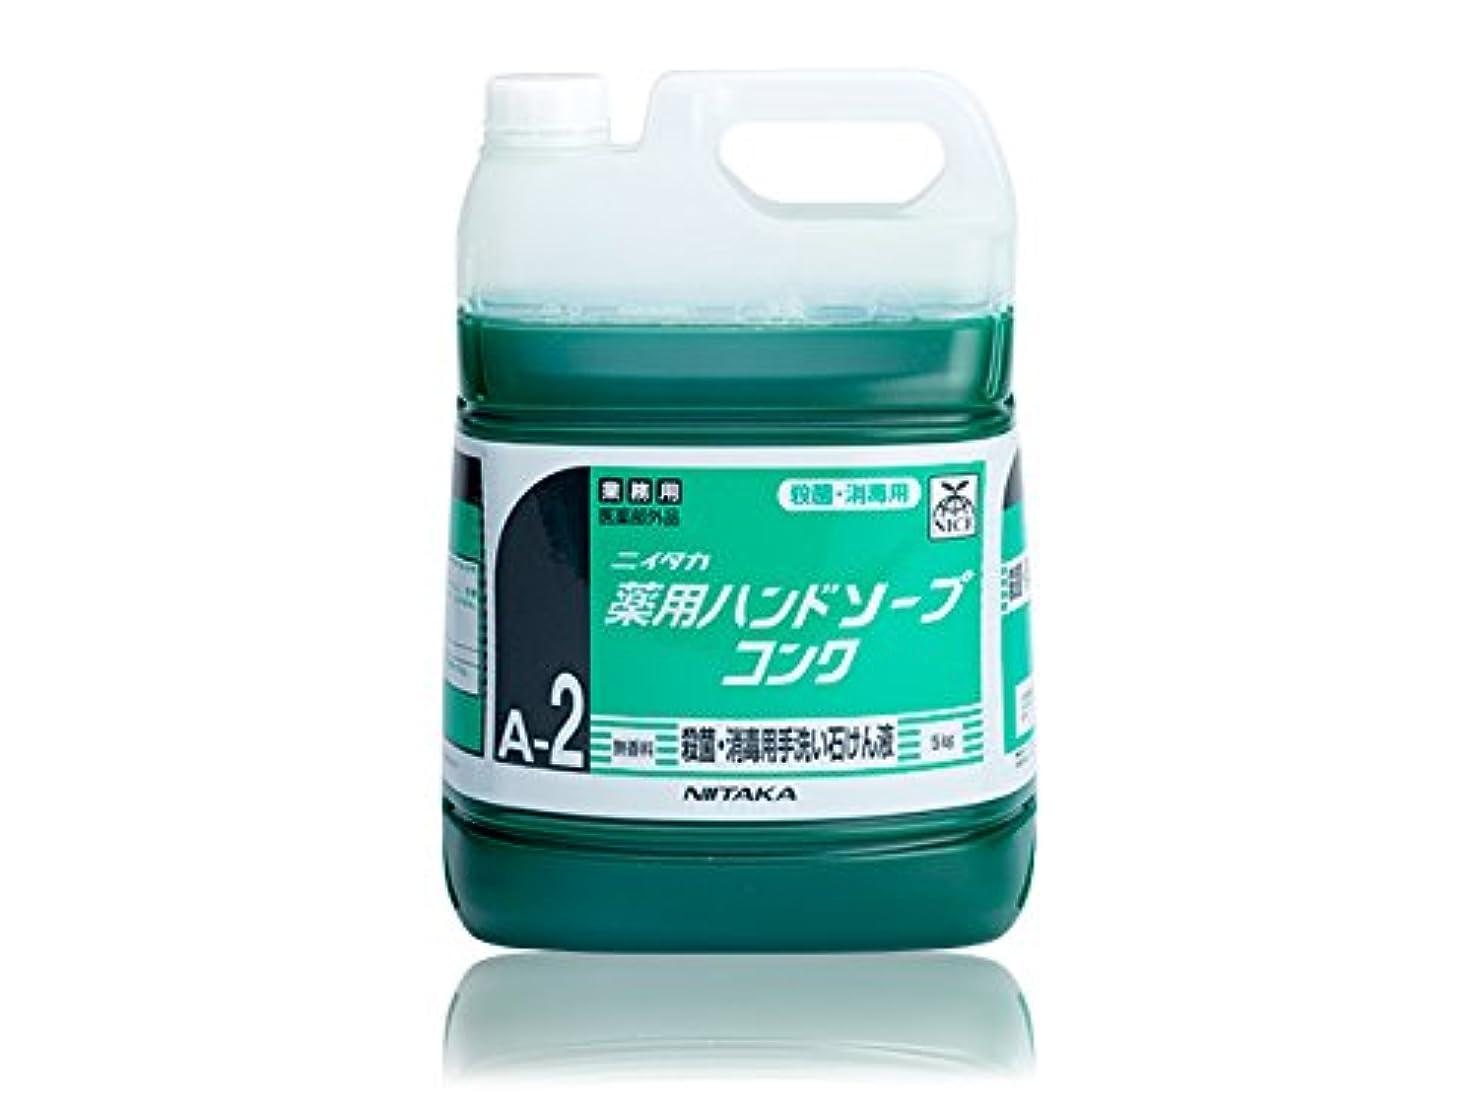 反抗肉屋ケープ無香料 殺菌?消毒用手洗い石けん液 ニイタカ 薬用ハンドソープコンク 5KX3本